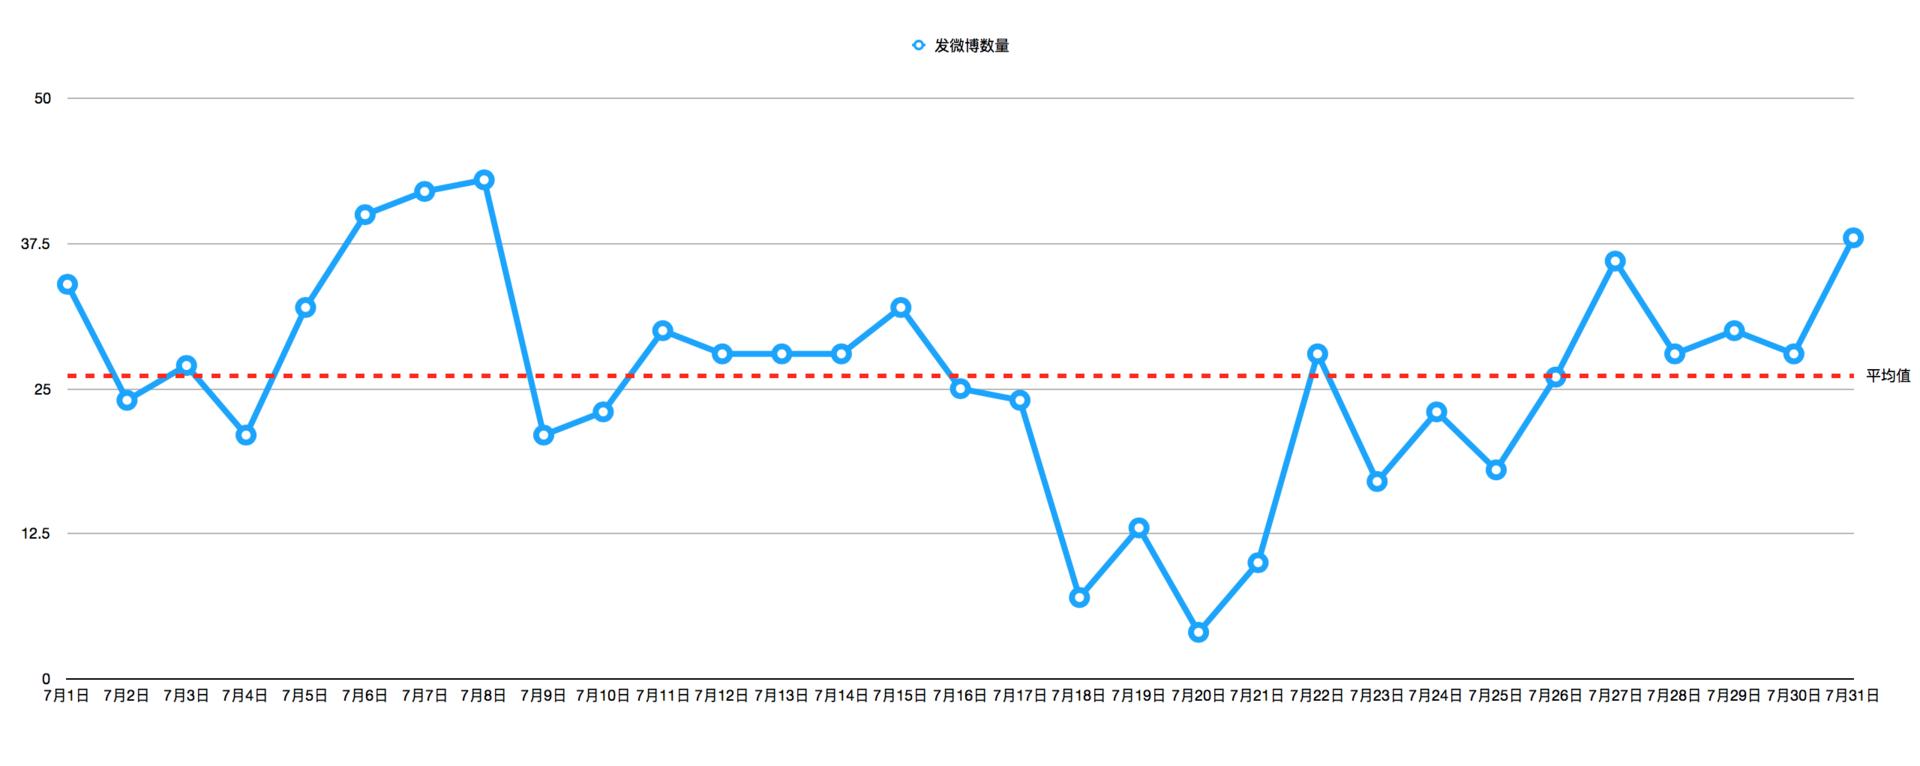 @来去之间 2017年7月每天发微博数量统计,红线是平均值